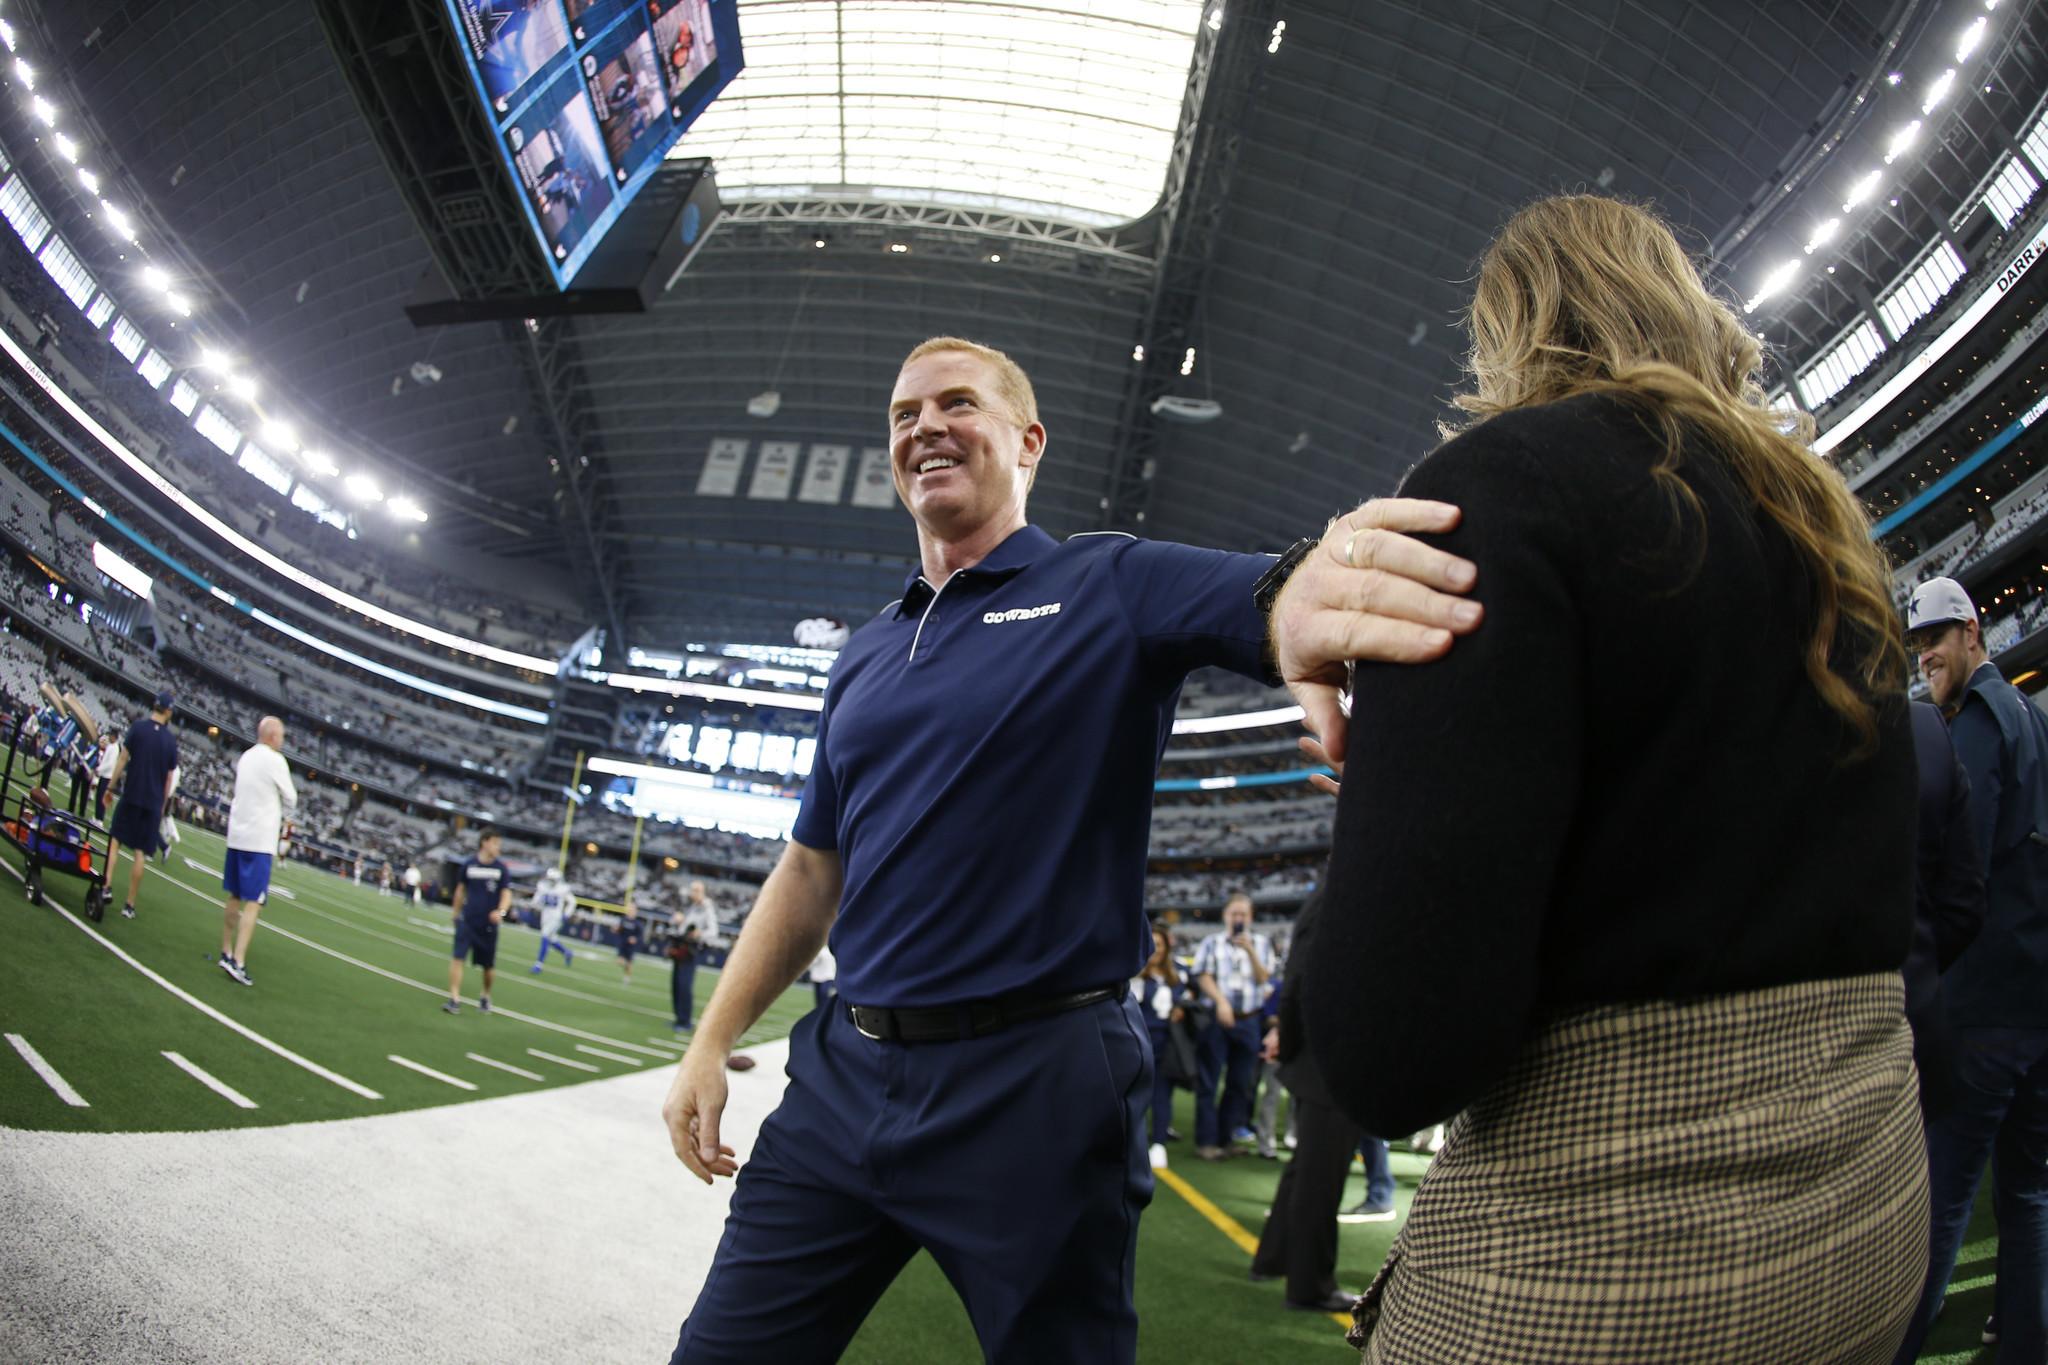 Giants hiring ex-Cowboys coach Jason Garrett as offensive coordinator